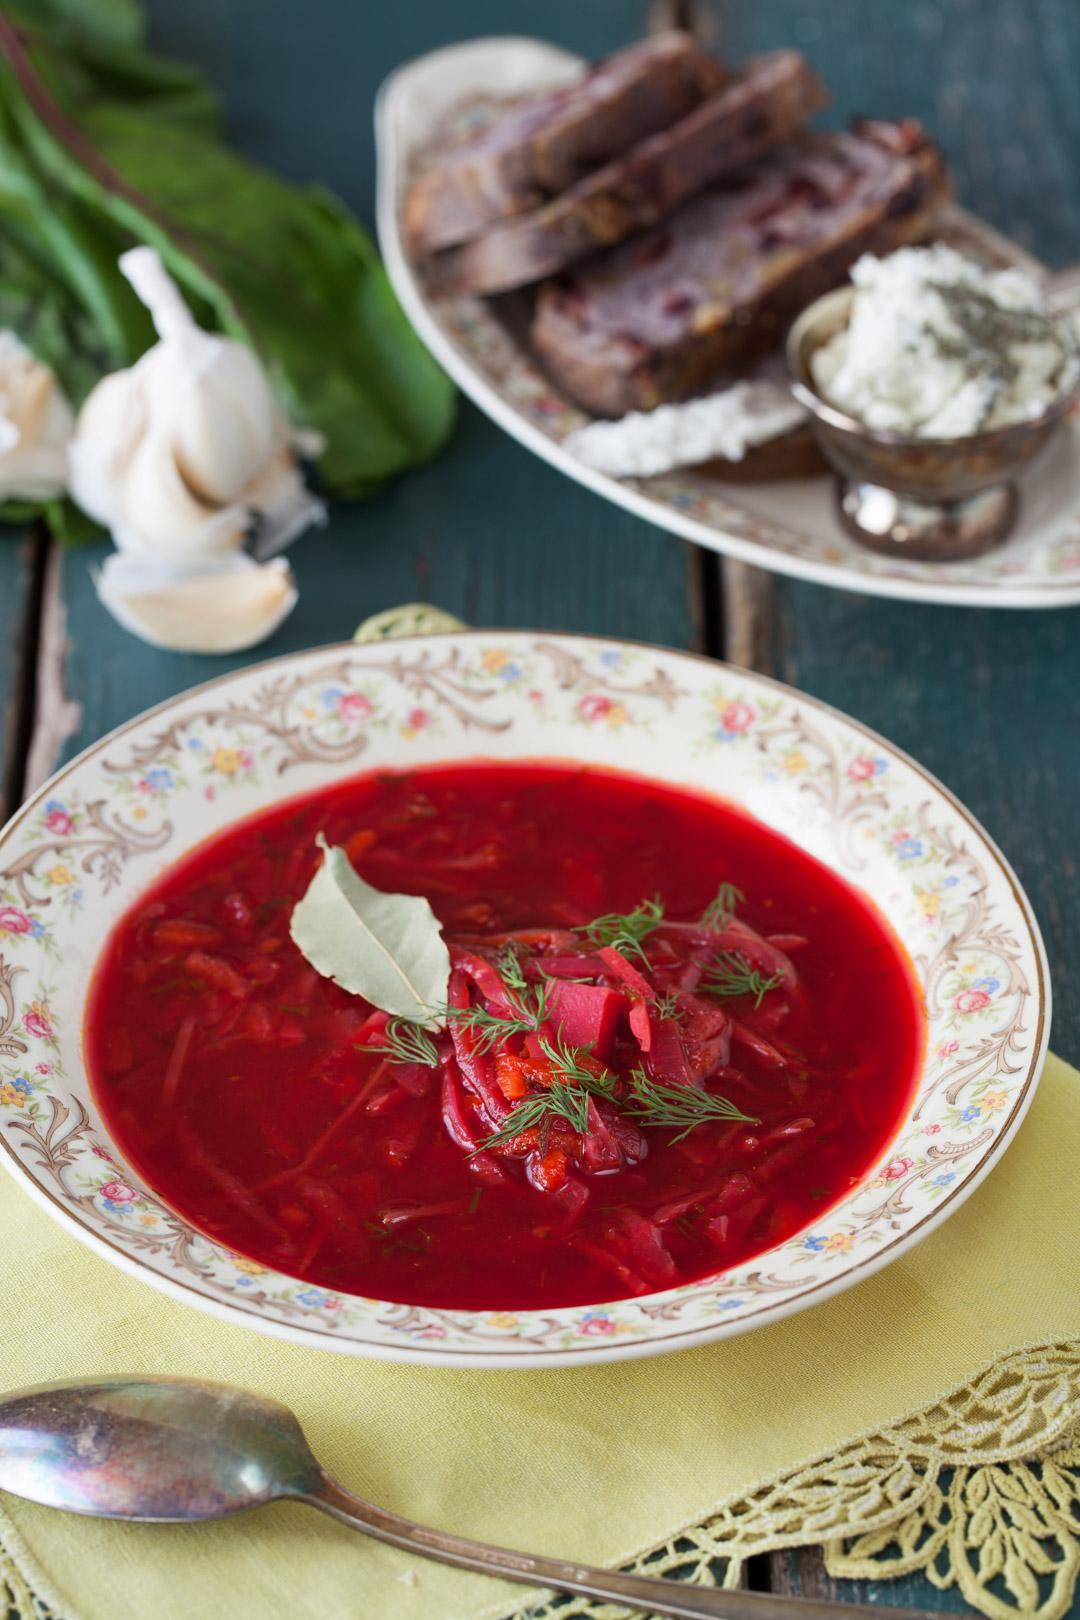 Russian Monday Vegetarian Borscht Cooking Melangery